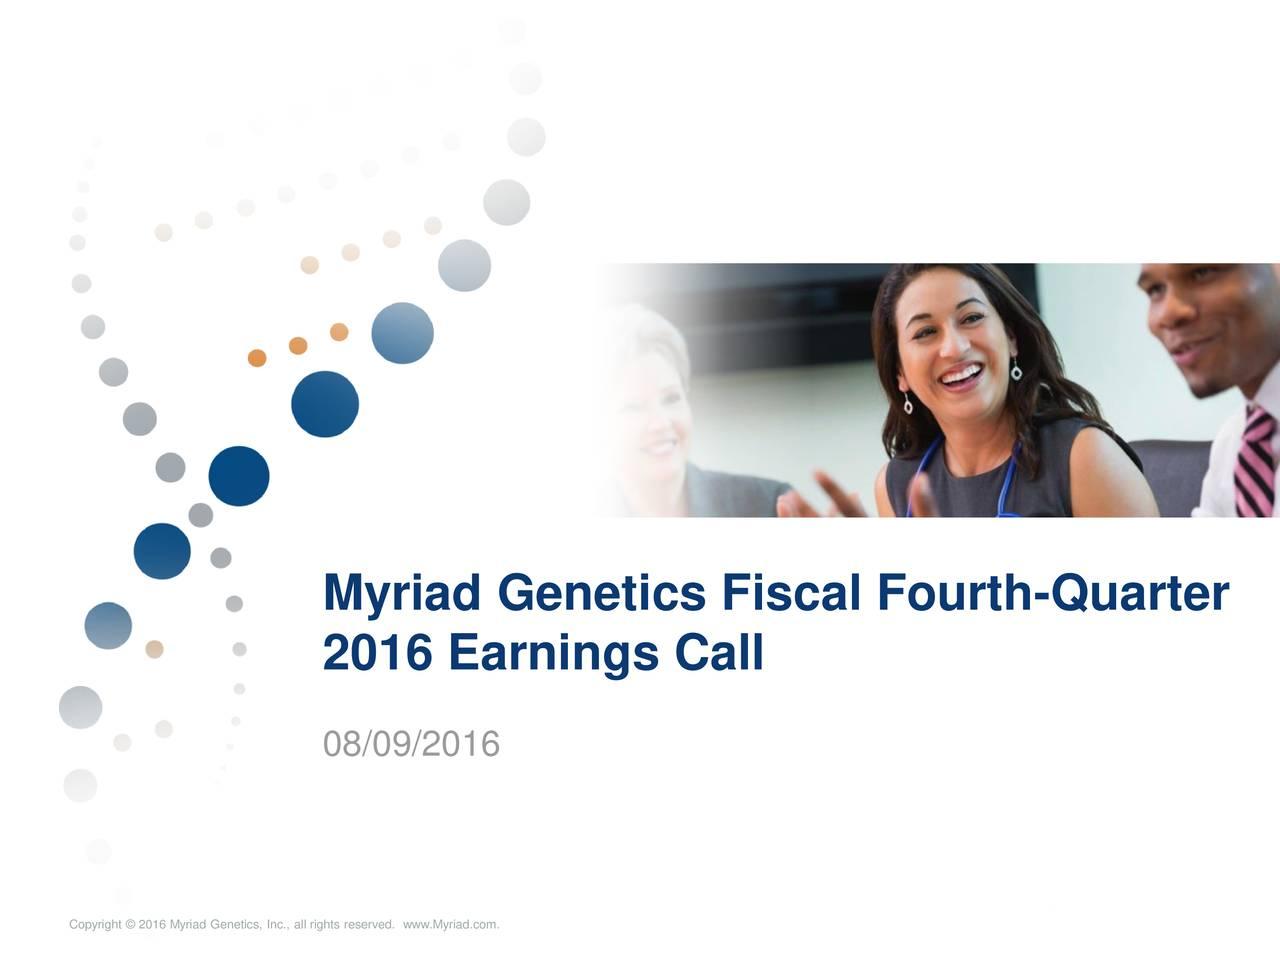 2016 Earnings Call 08/09/2016 1 Copyrght 2015 Myrad Genetcs,nc..allghts eseved..wwwwMyyradcom..